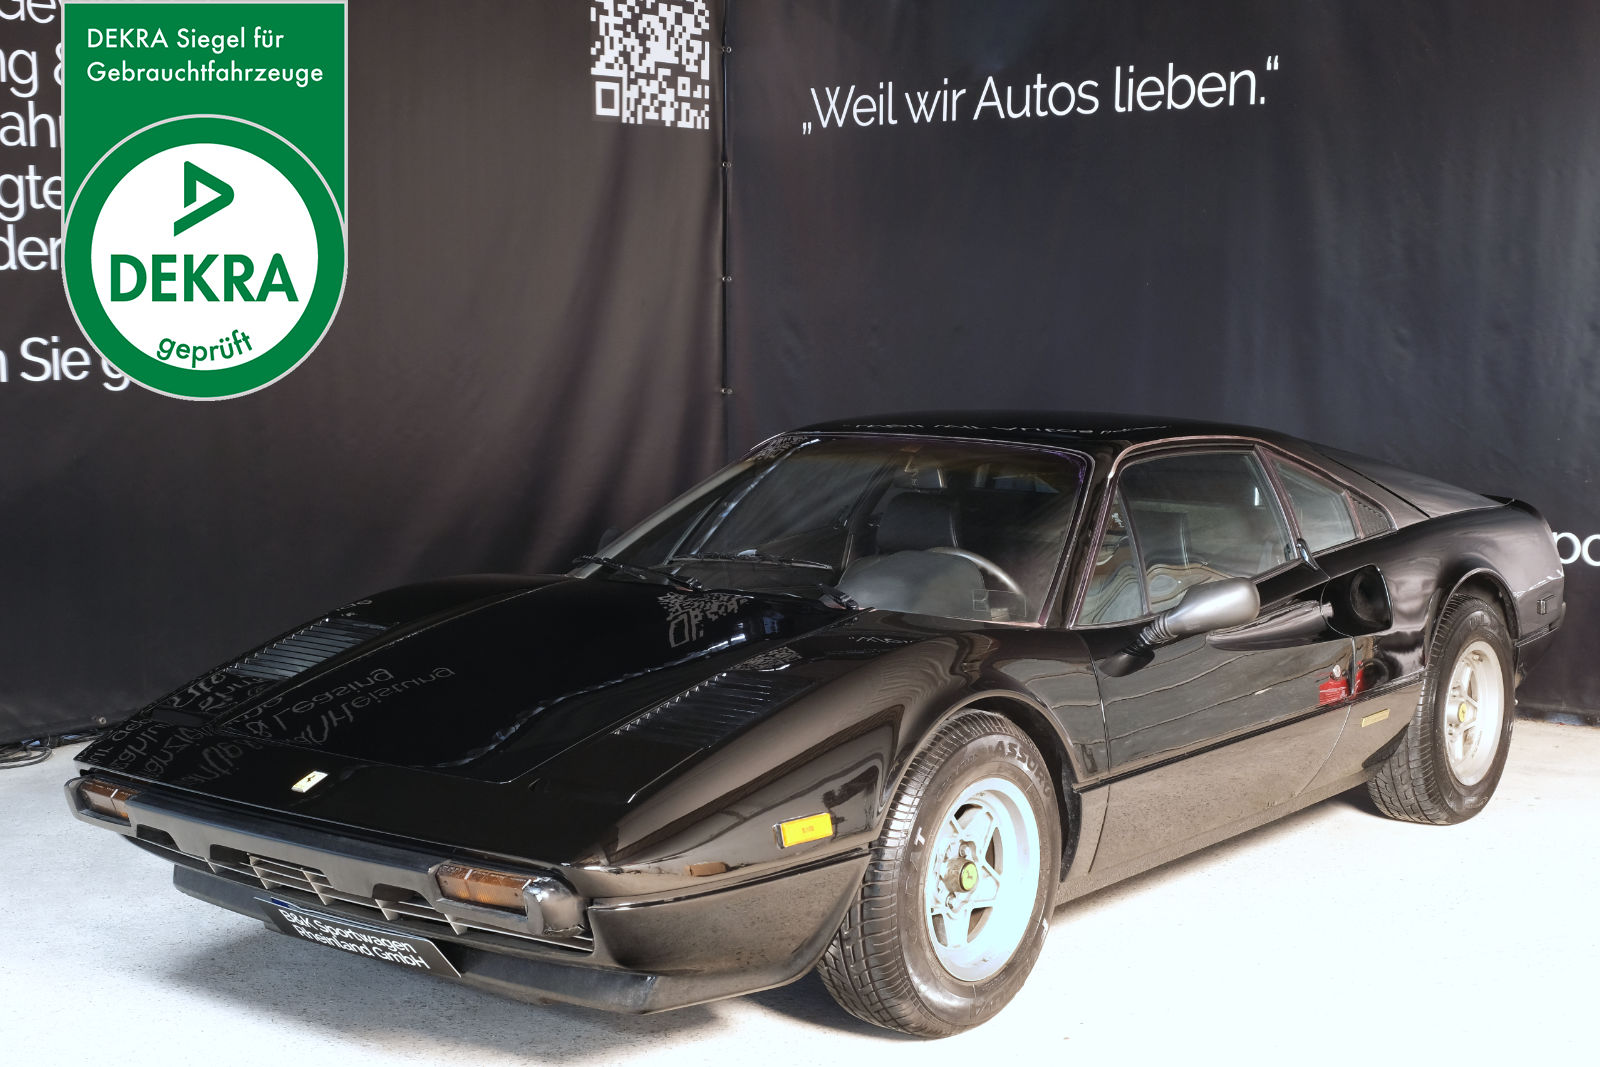 Ferrari_308_GTB_Schwarz_Schwarz_FER-1443_Plakette_w